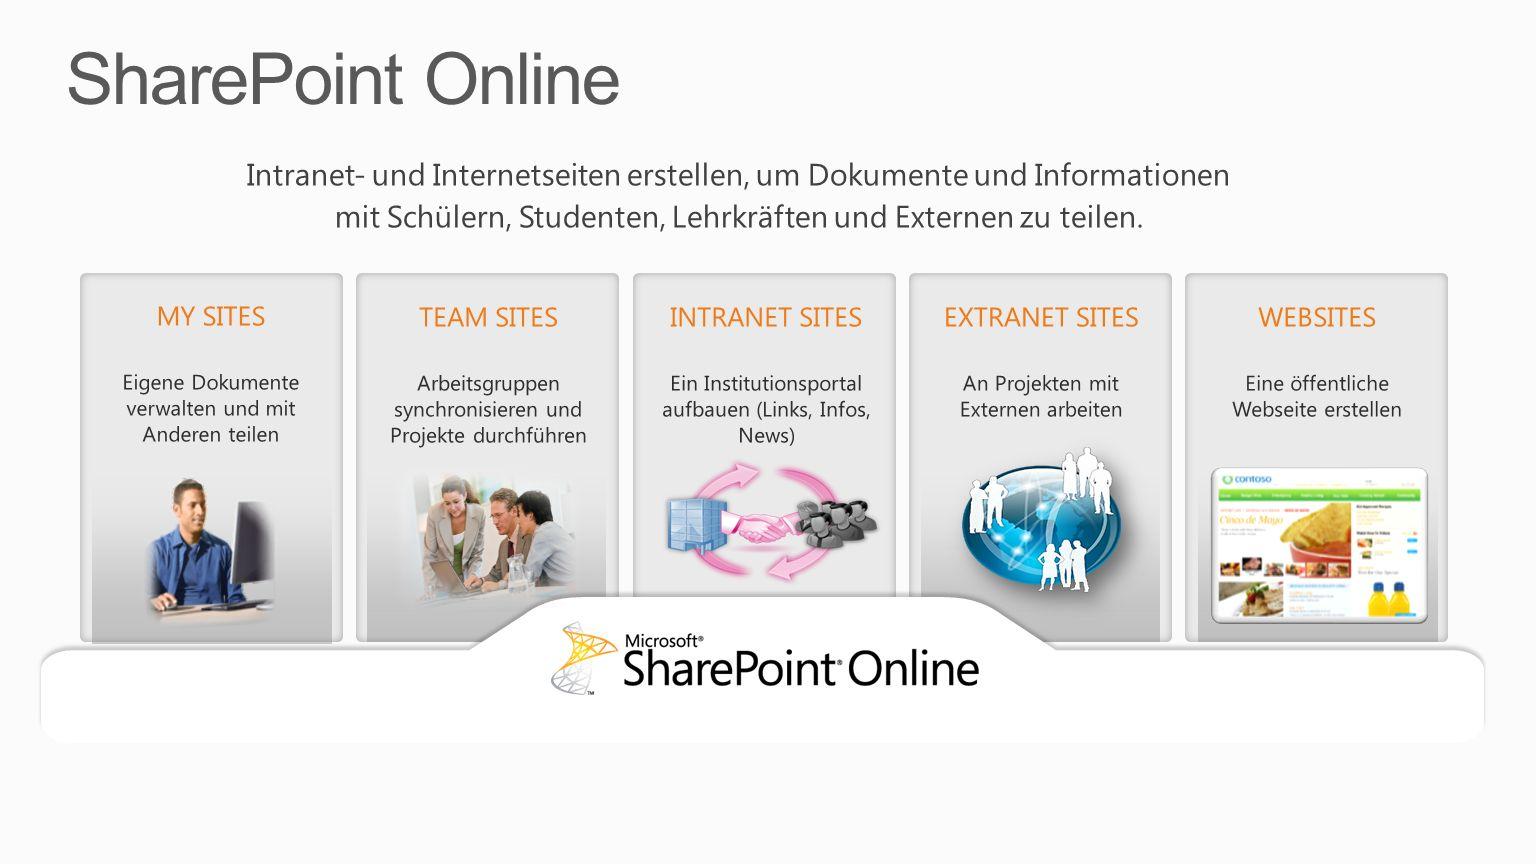 Intranet- und Internetseiten erstellen, um Dokumente und Informationen mit Schülern, Studenten, Lehrkräften und Externen zu teilen. TEAM SITES Arbeits